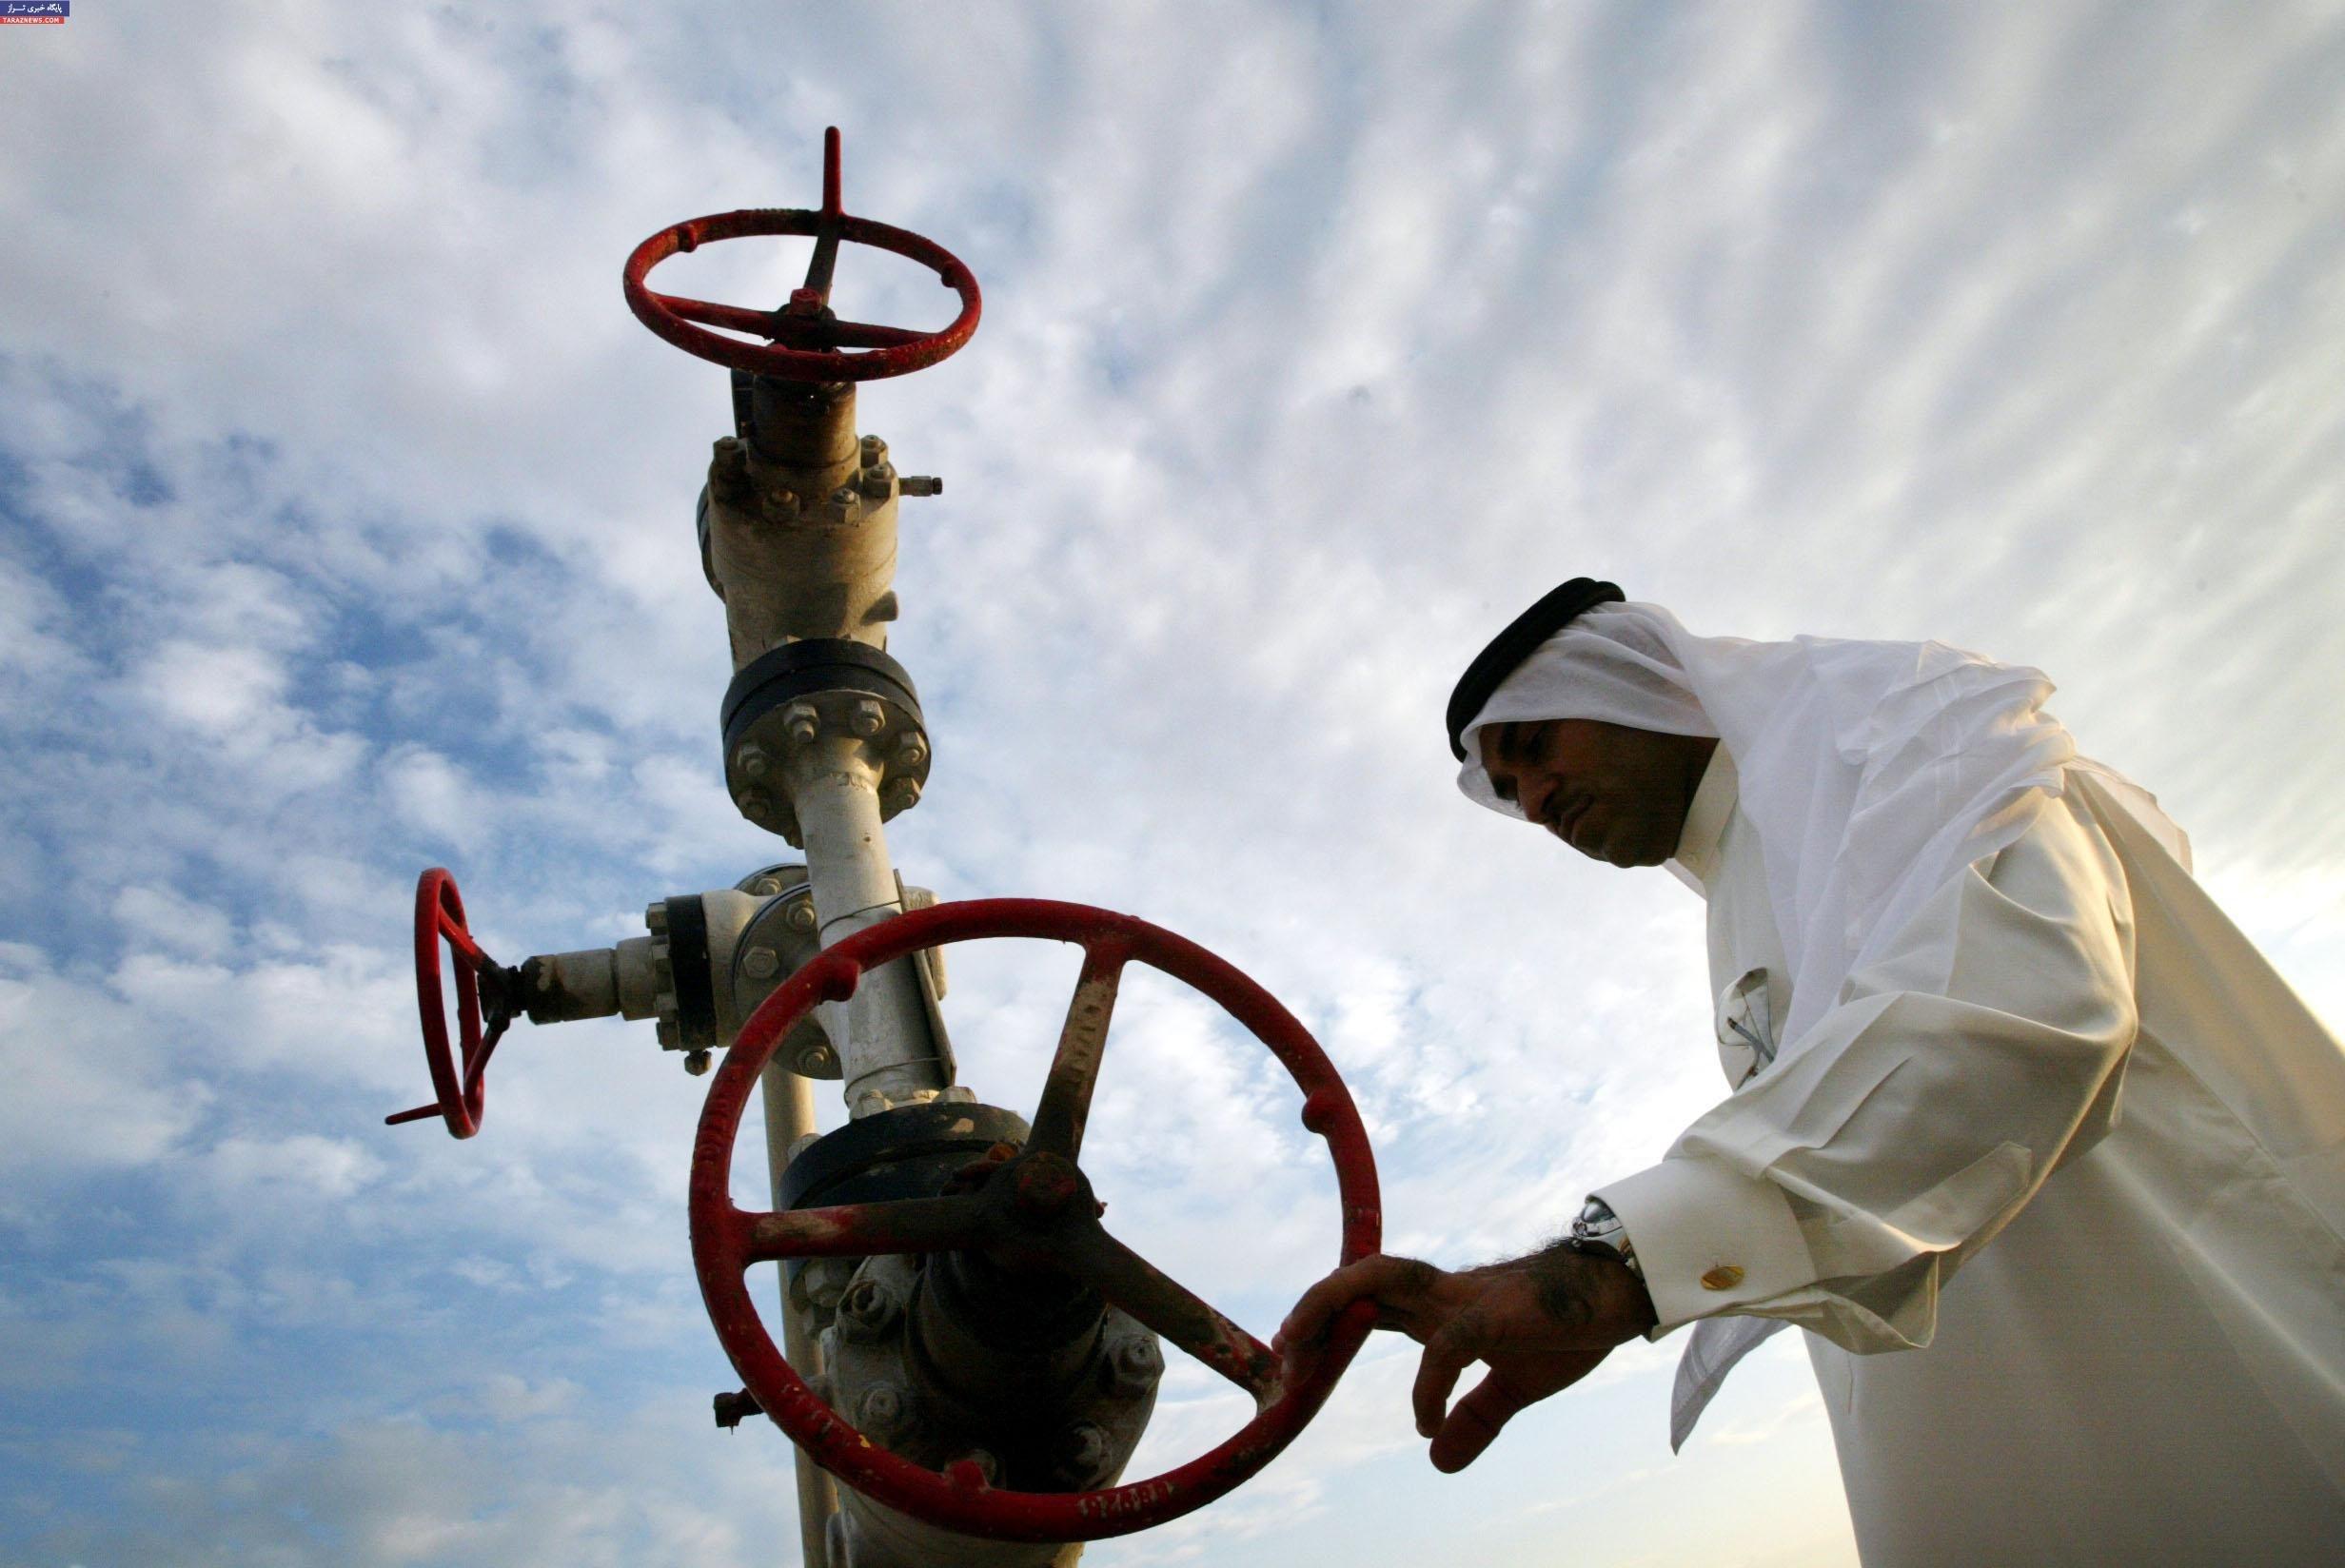 حمله پهپادی به آرامکو نفت را به مرز ۶۴ دلار رساند